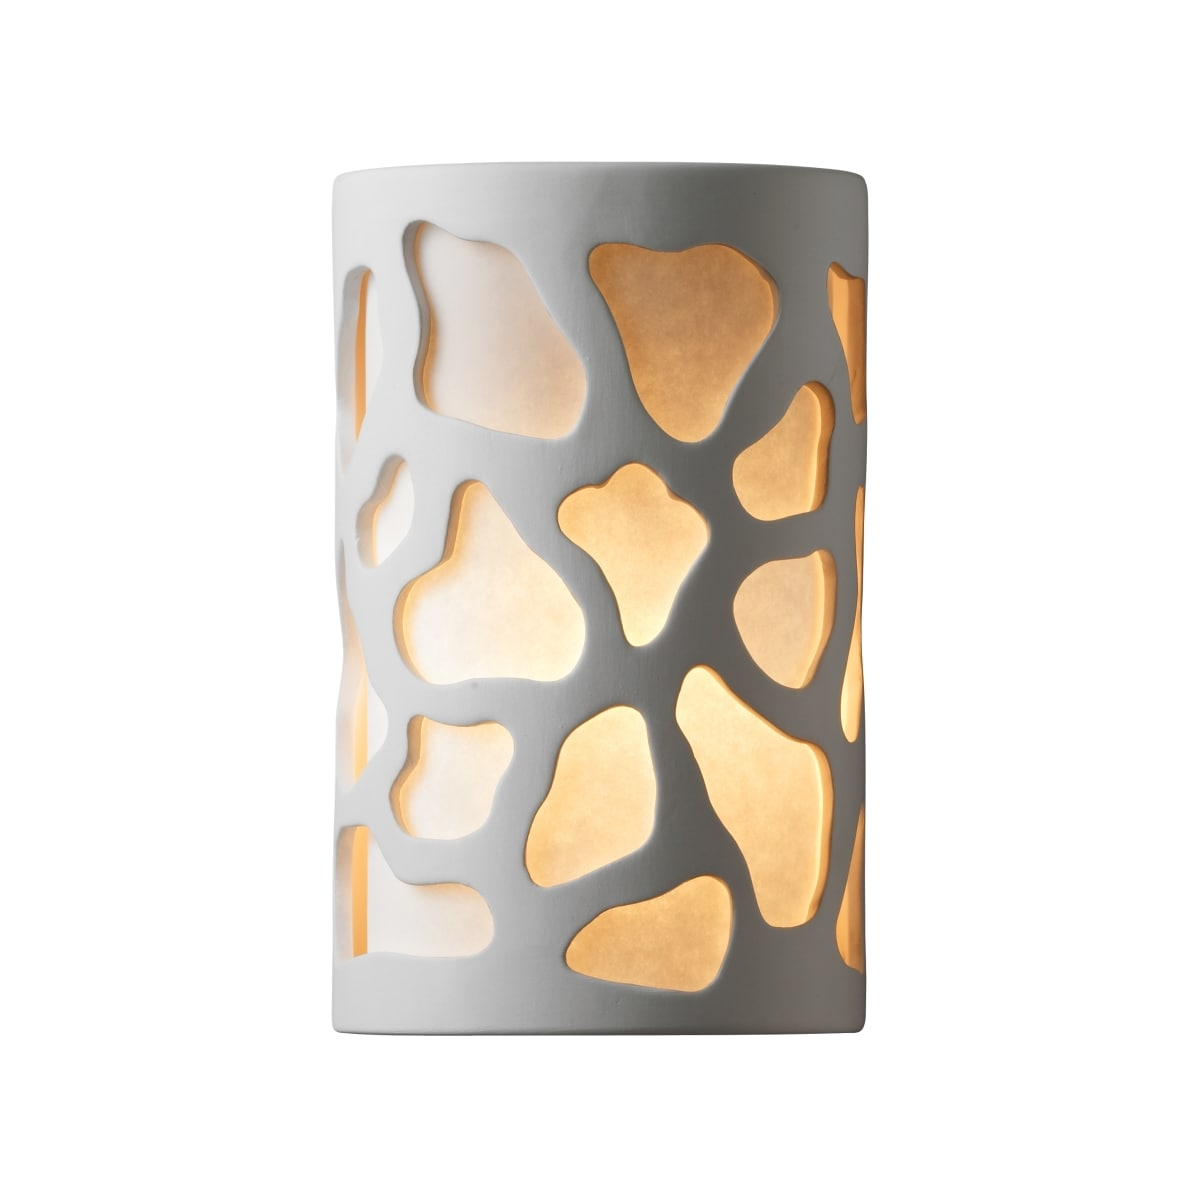 Justice Design Group Cer 7455w Cks Led1 1000 Sienna Brown Crackle